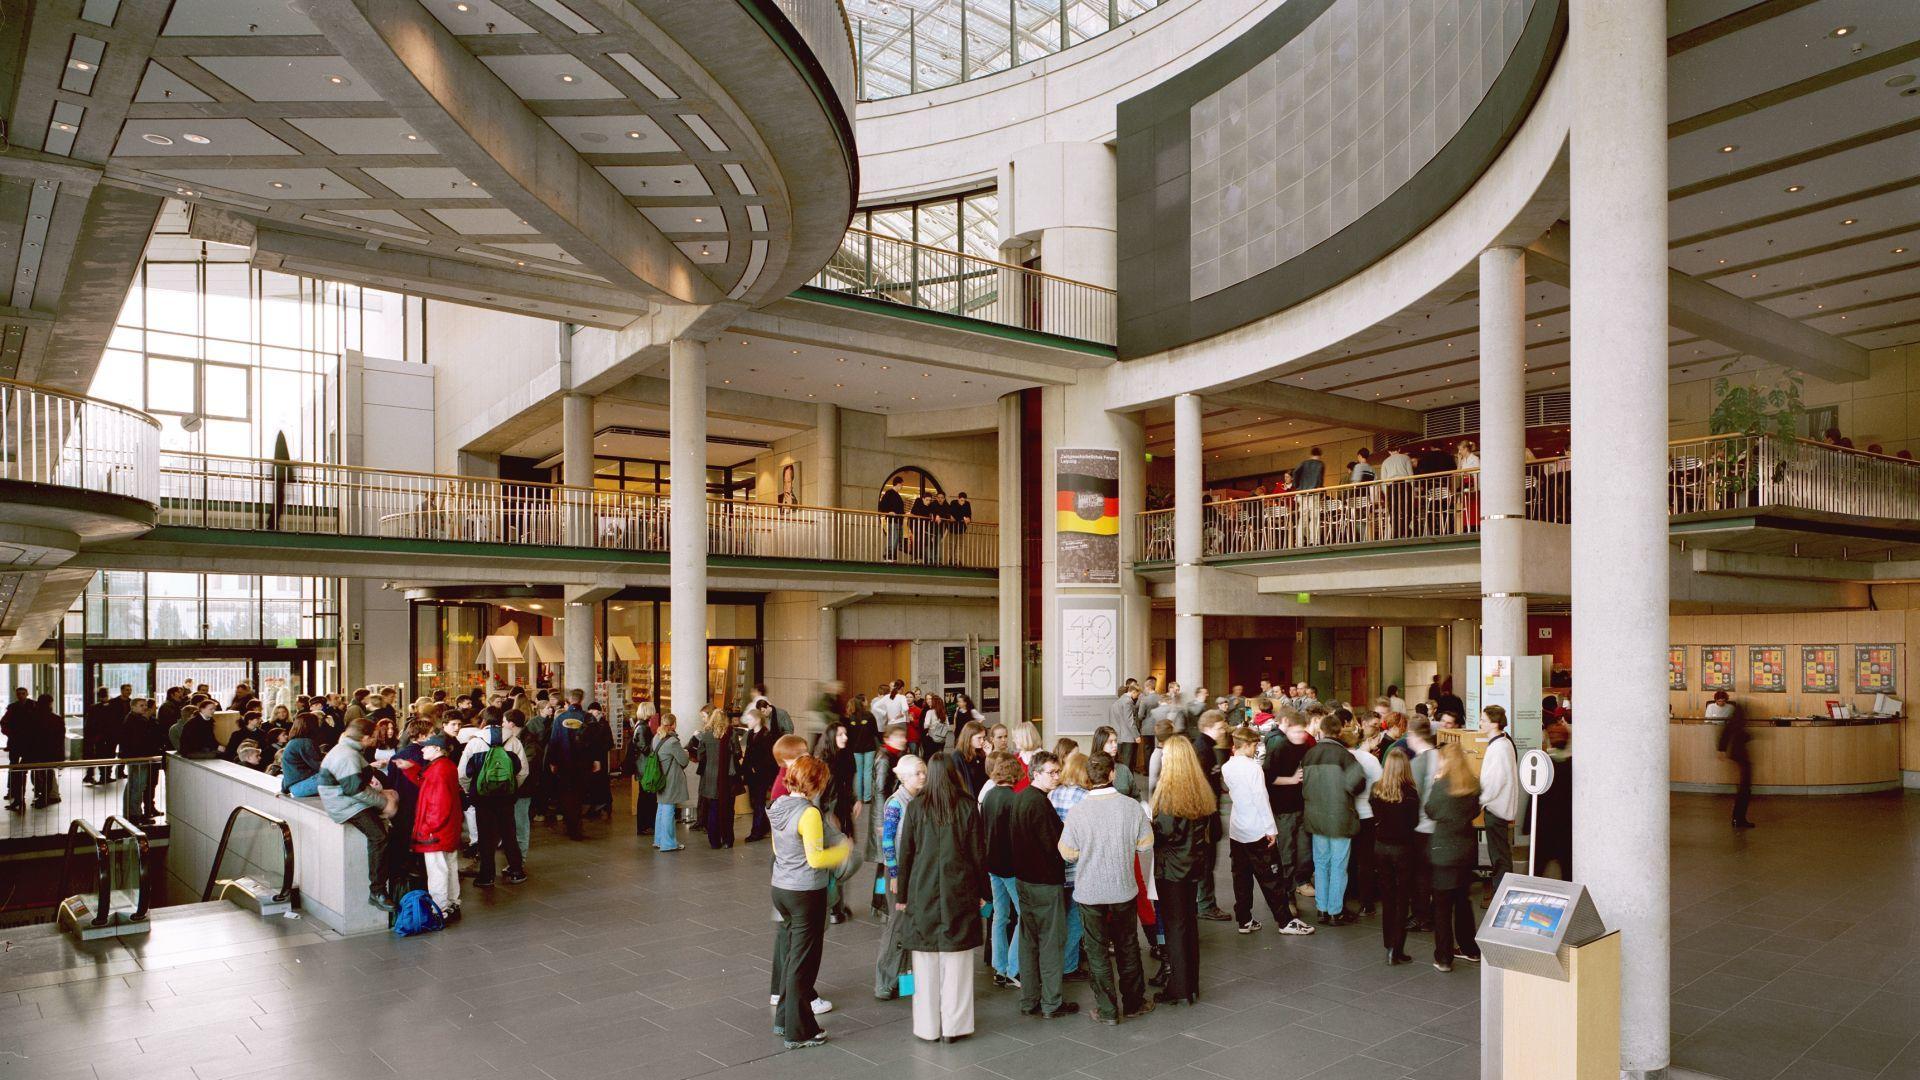 Viele Besucher im Foyer Haus der Geschichte